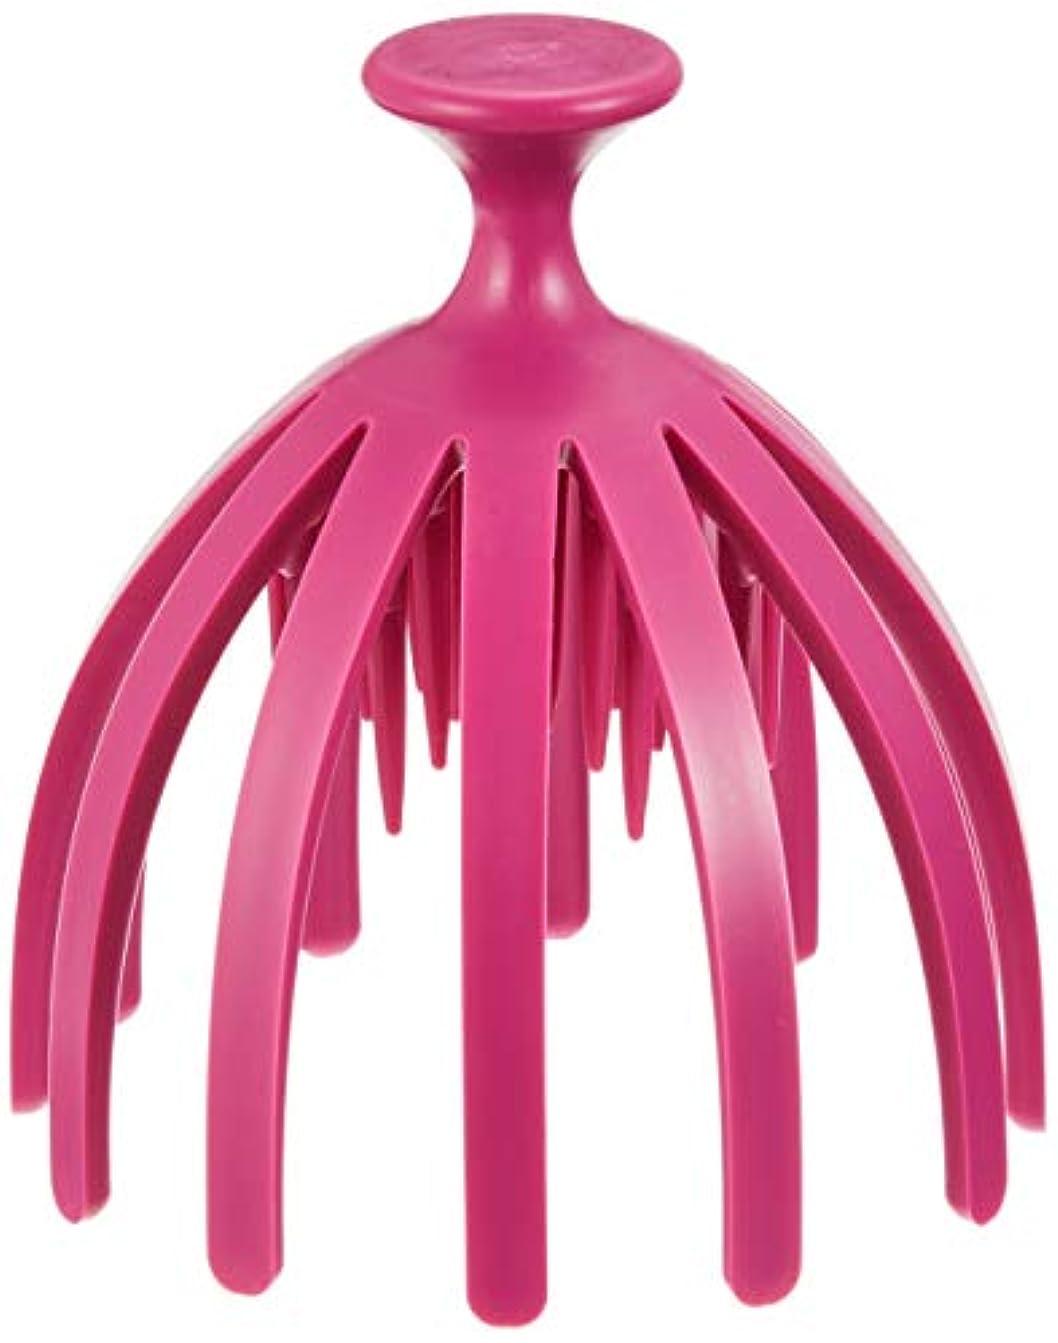 組大胆不敵素晴らしさツボスパヘッド限定ギフトパッケージ ピンク